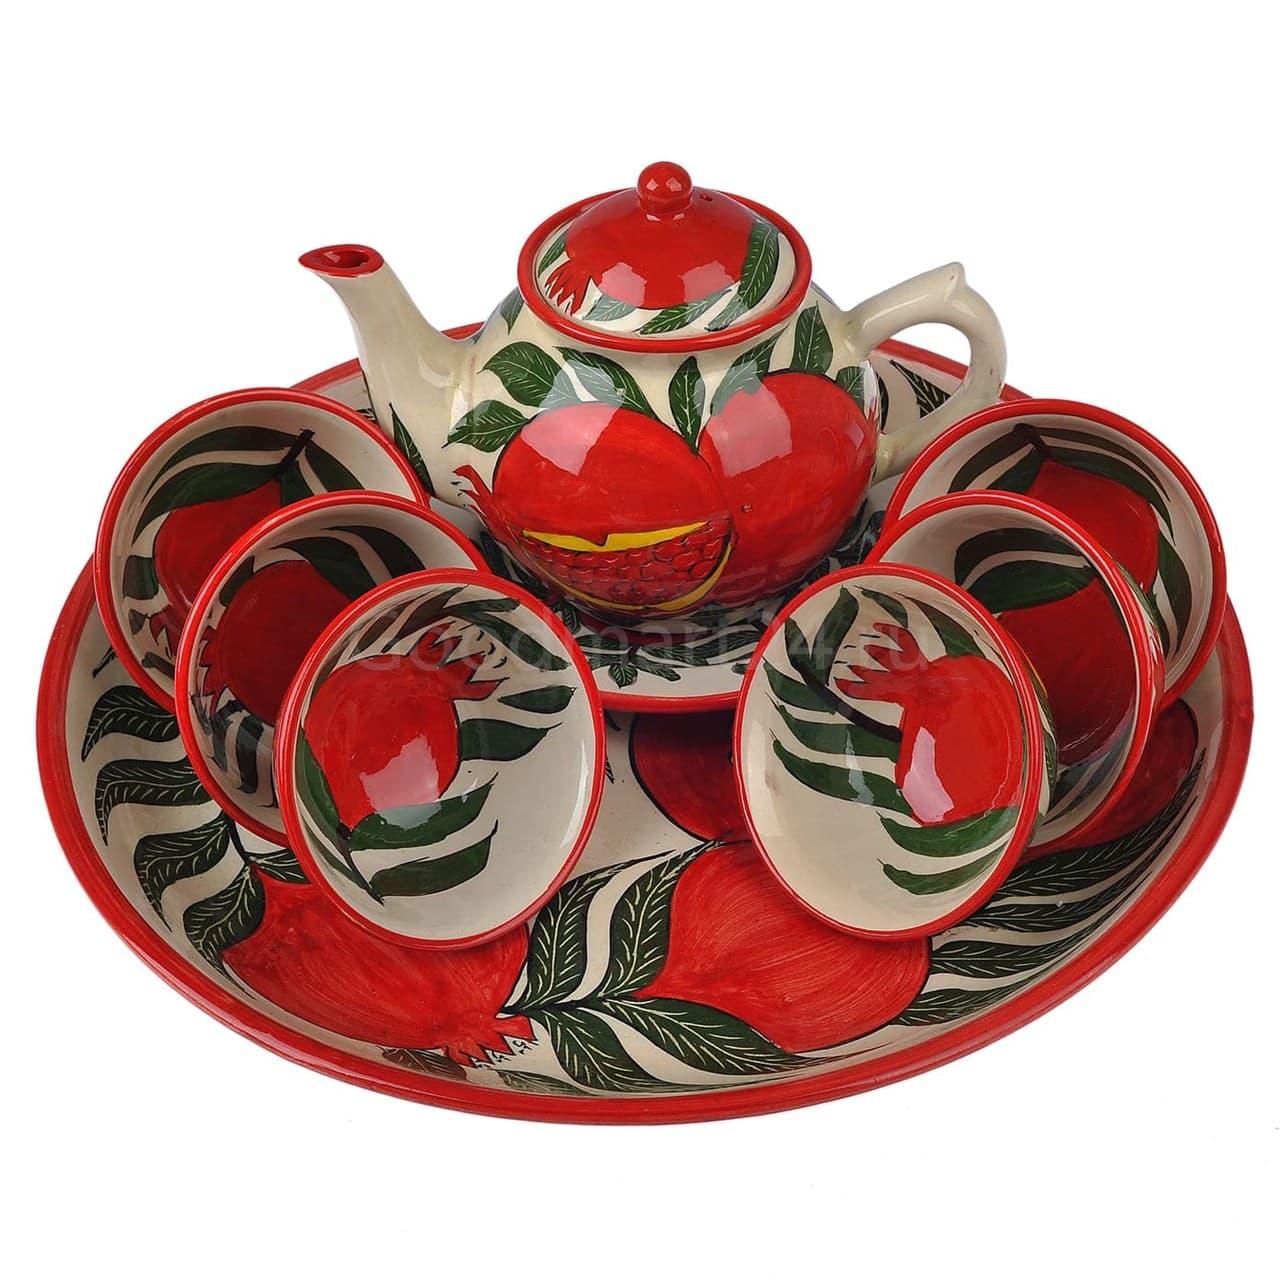 Набор чайный Риштанская Керамика, 9 предметов, Гранат - фото 9484